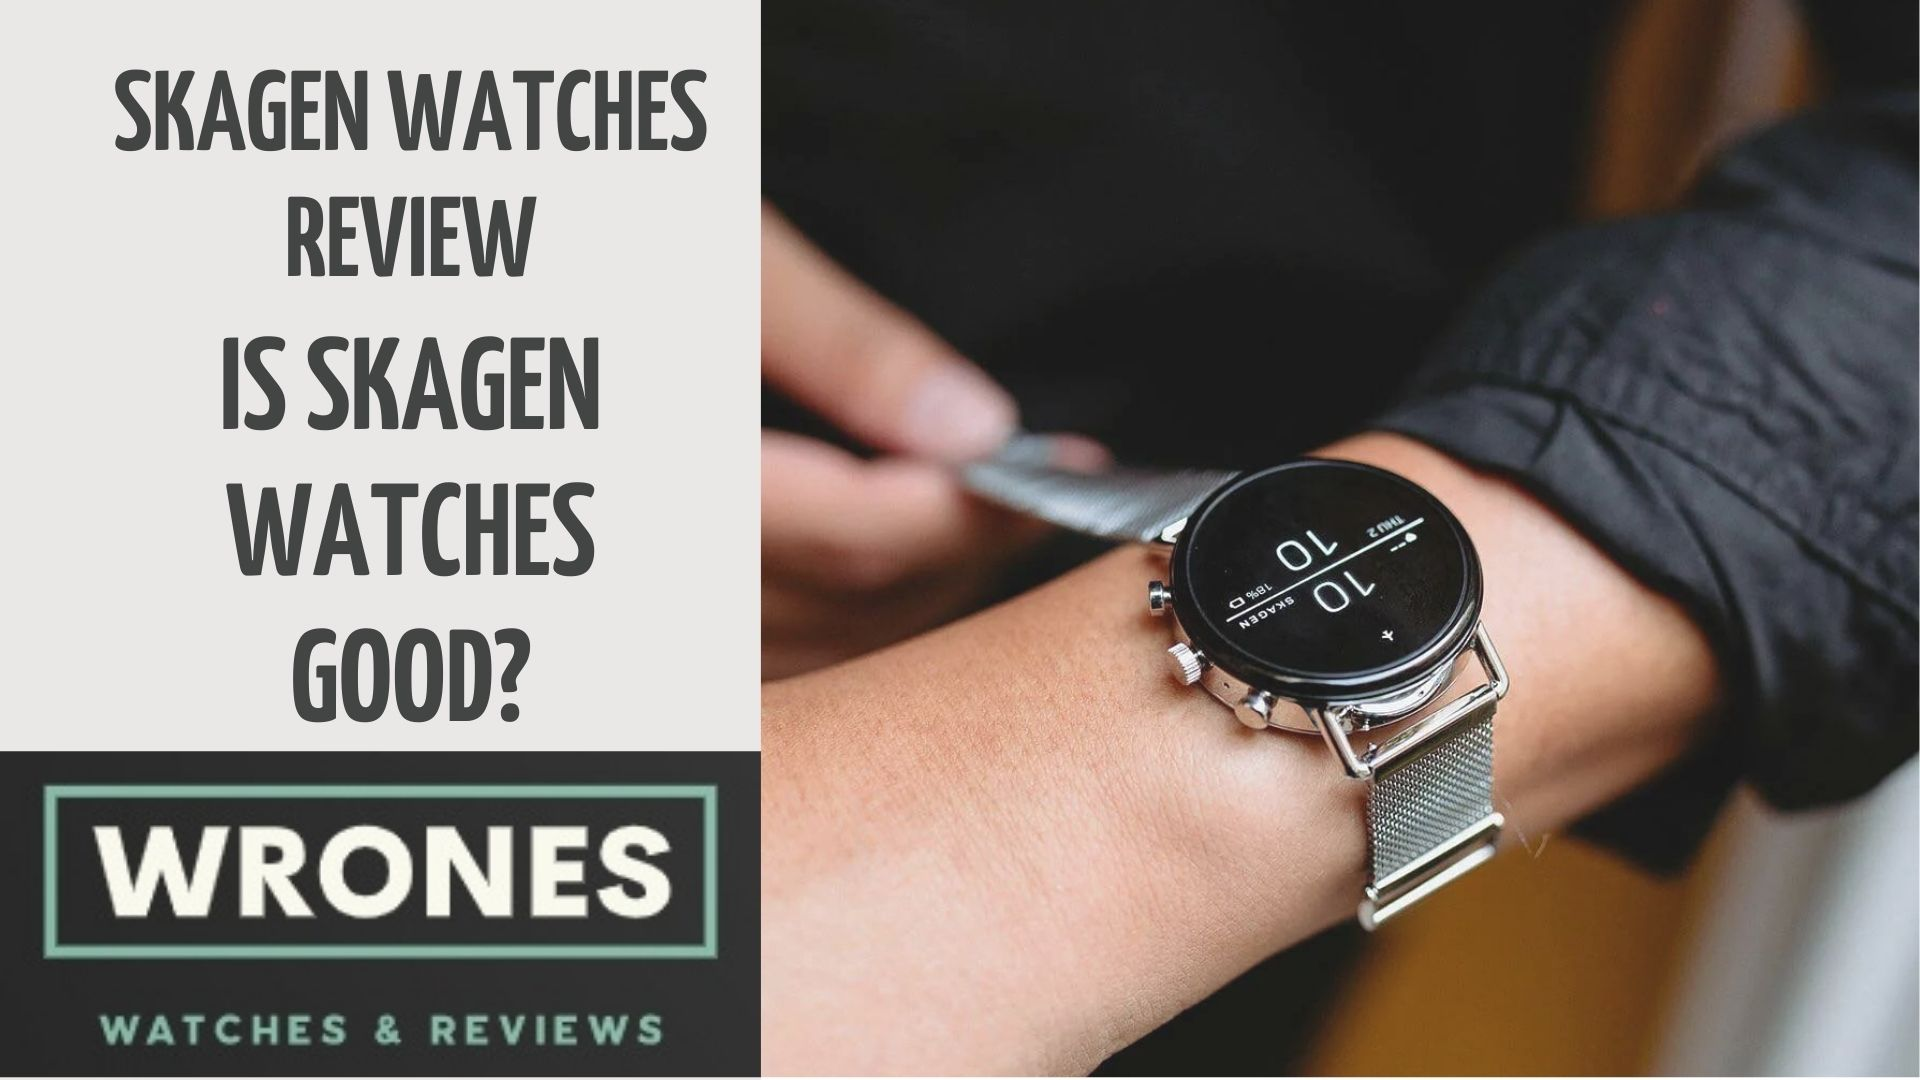 Skagen Watches wrones